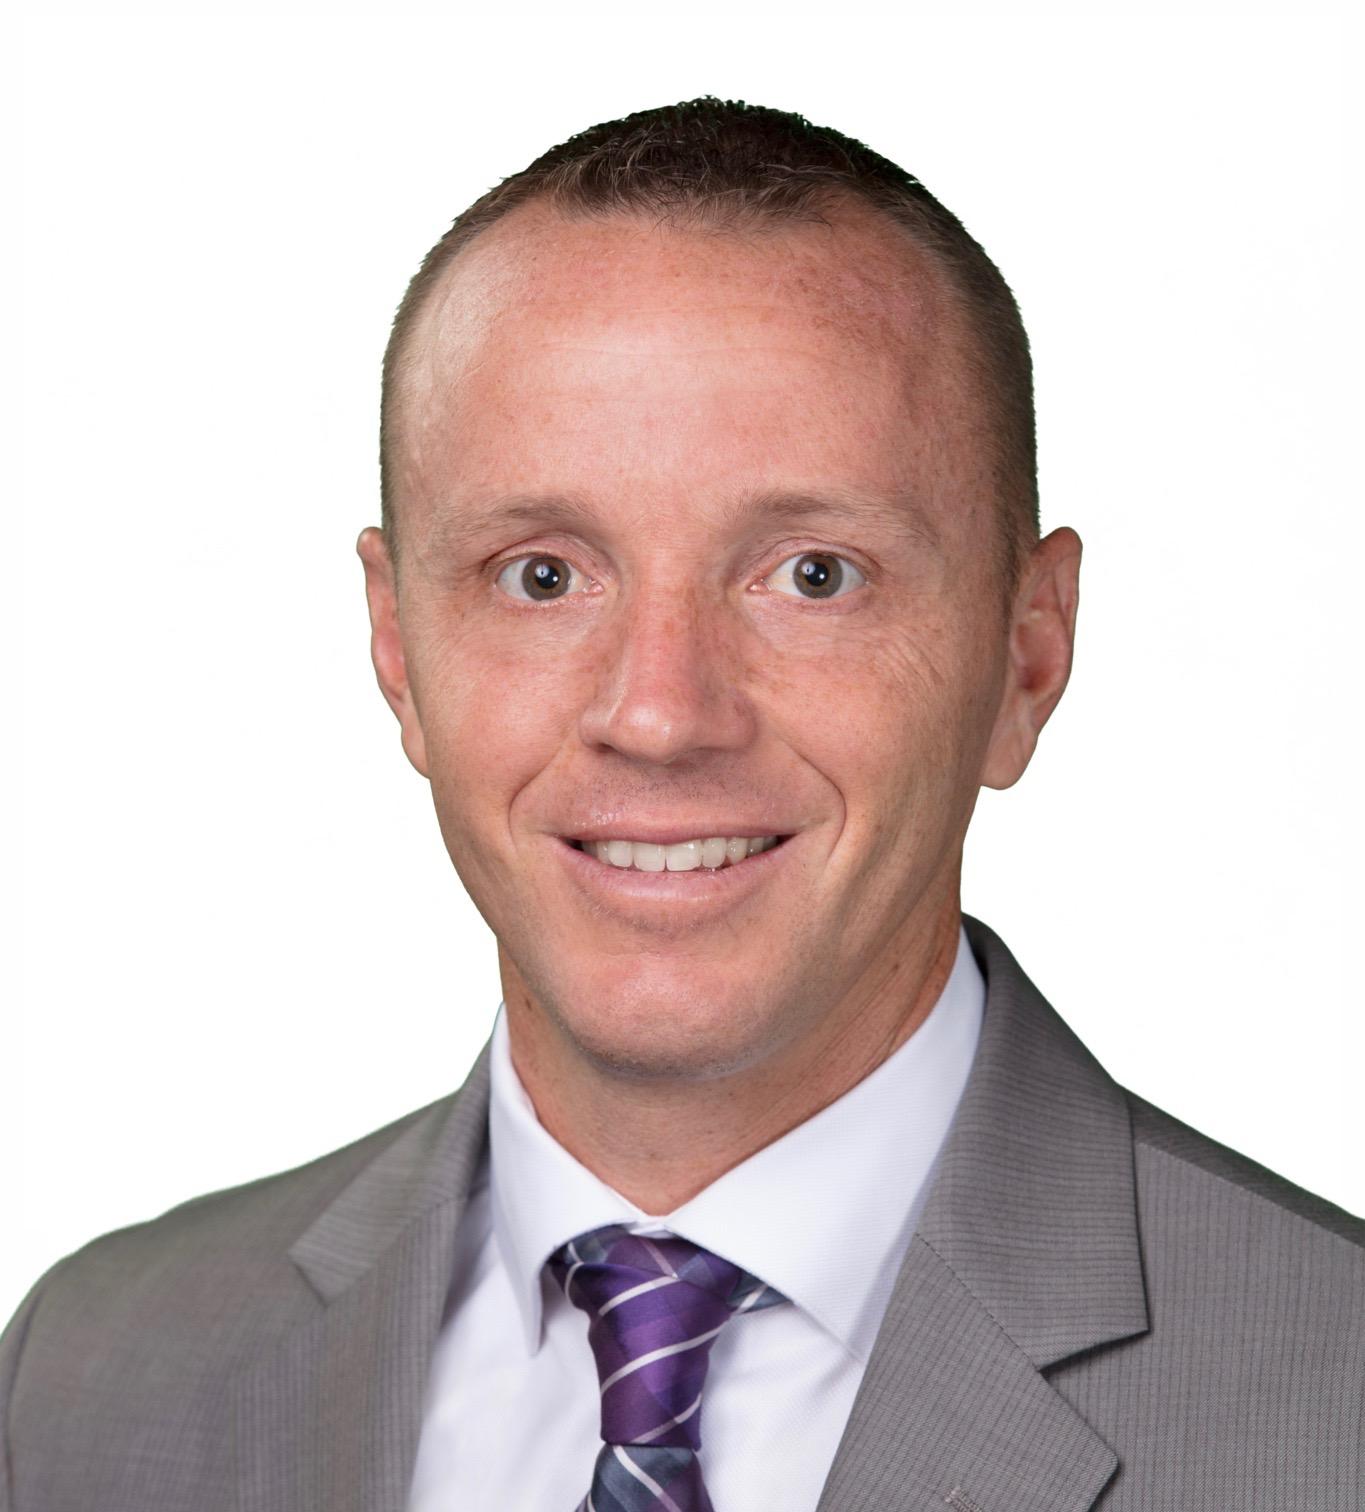 Derek Sichler Headshot